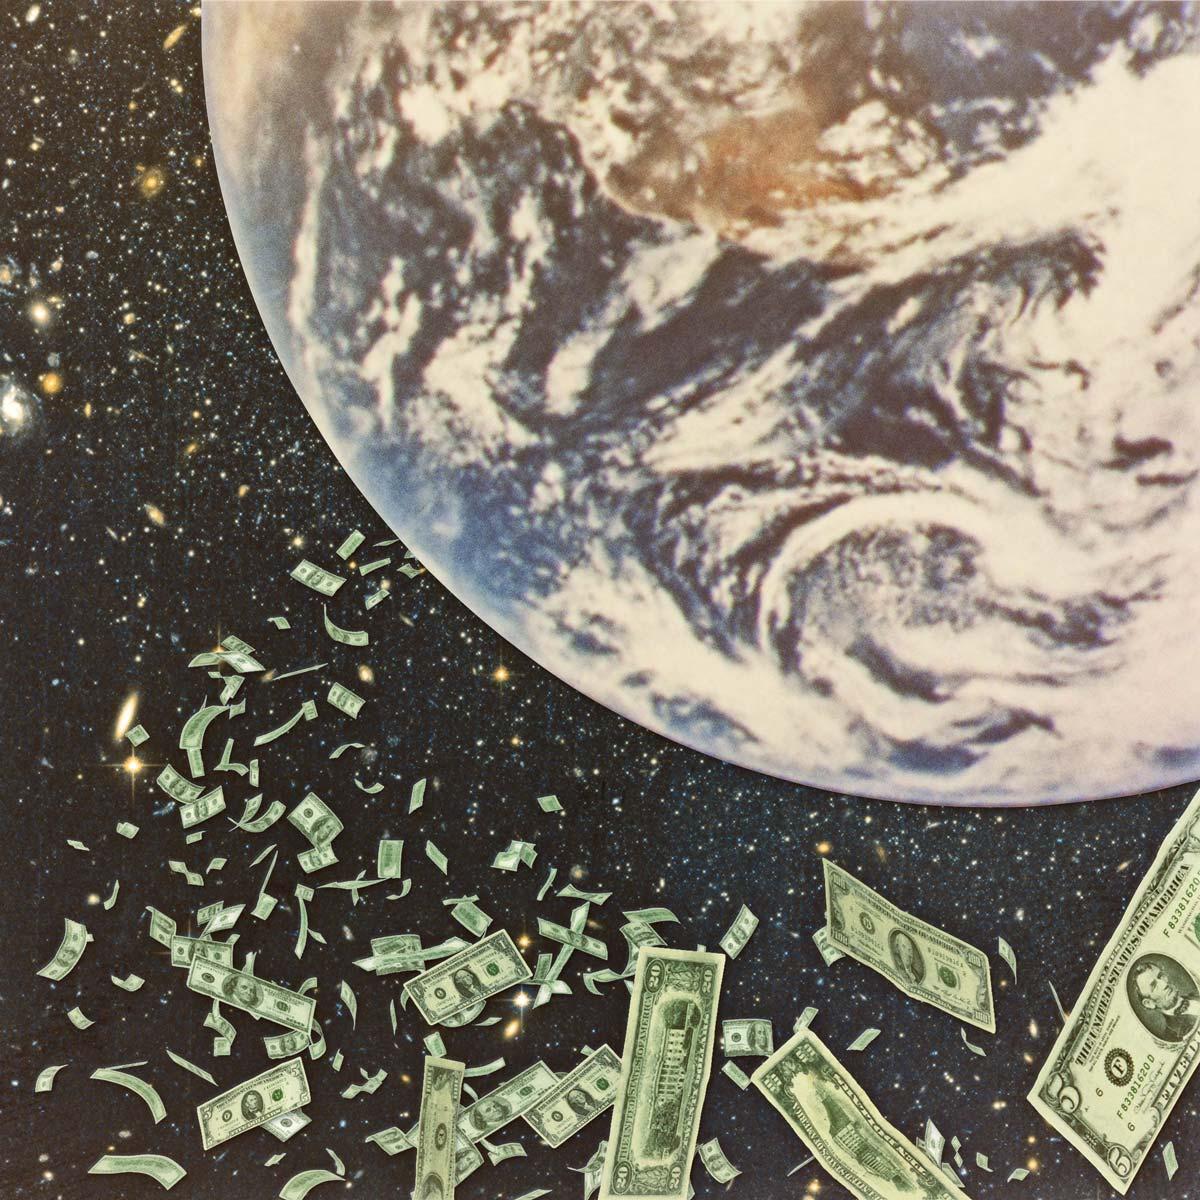 Что ждать от 2021-го: рассказывают ученые, экстрасенсы, экономисты, астрологи и футурологи